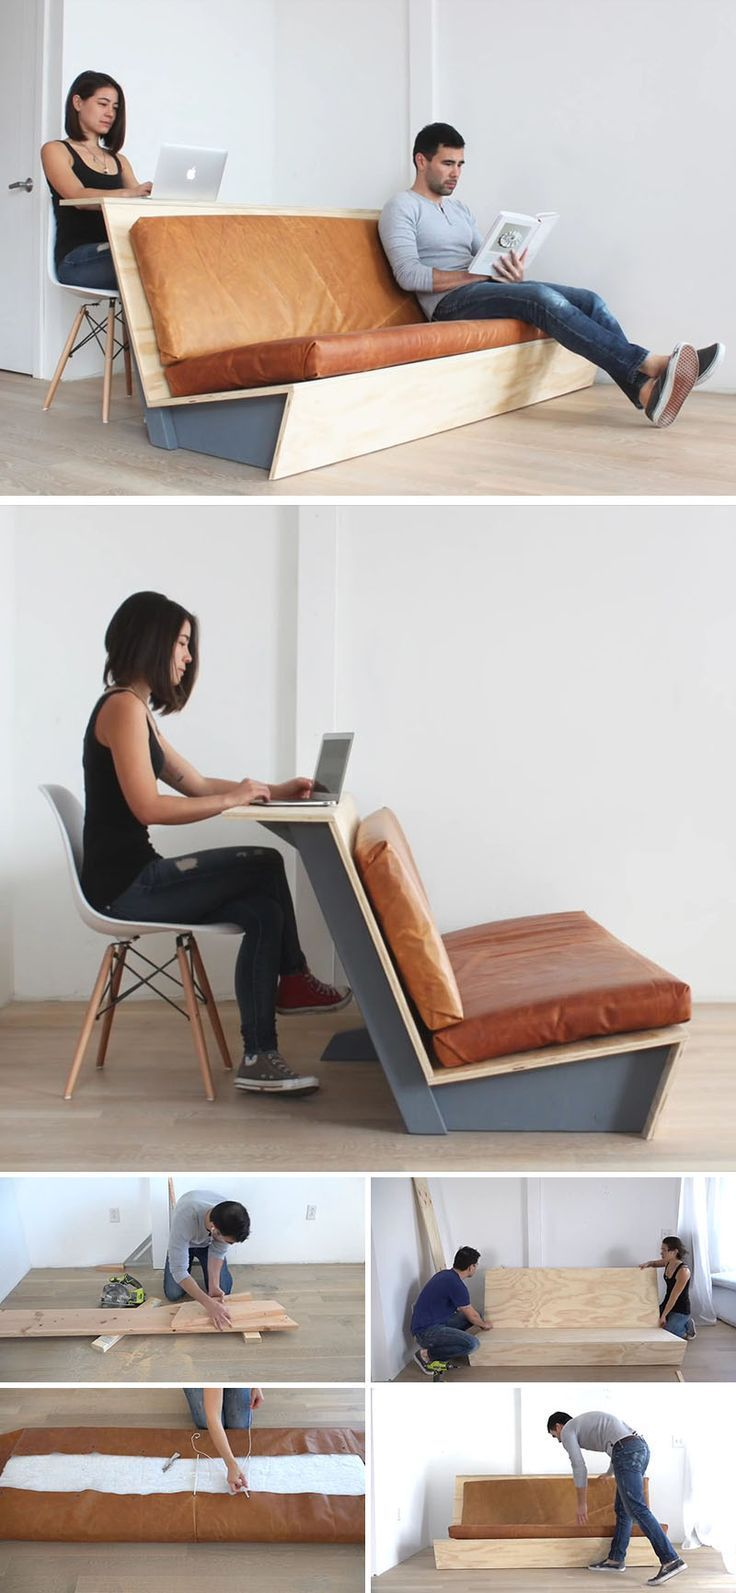 Dieses Tutorial für eine moderne DIY-Couch zeigt Ihnen, wie Sie eine Couch mit einer